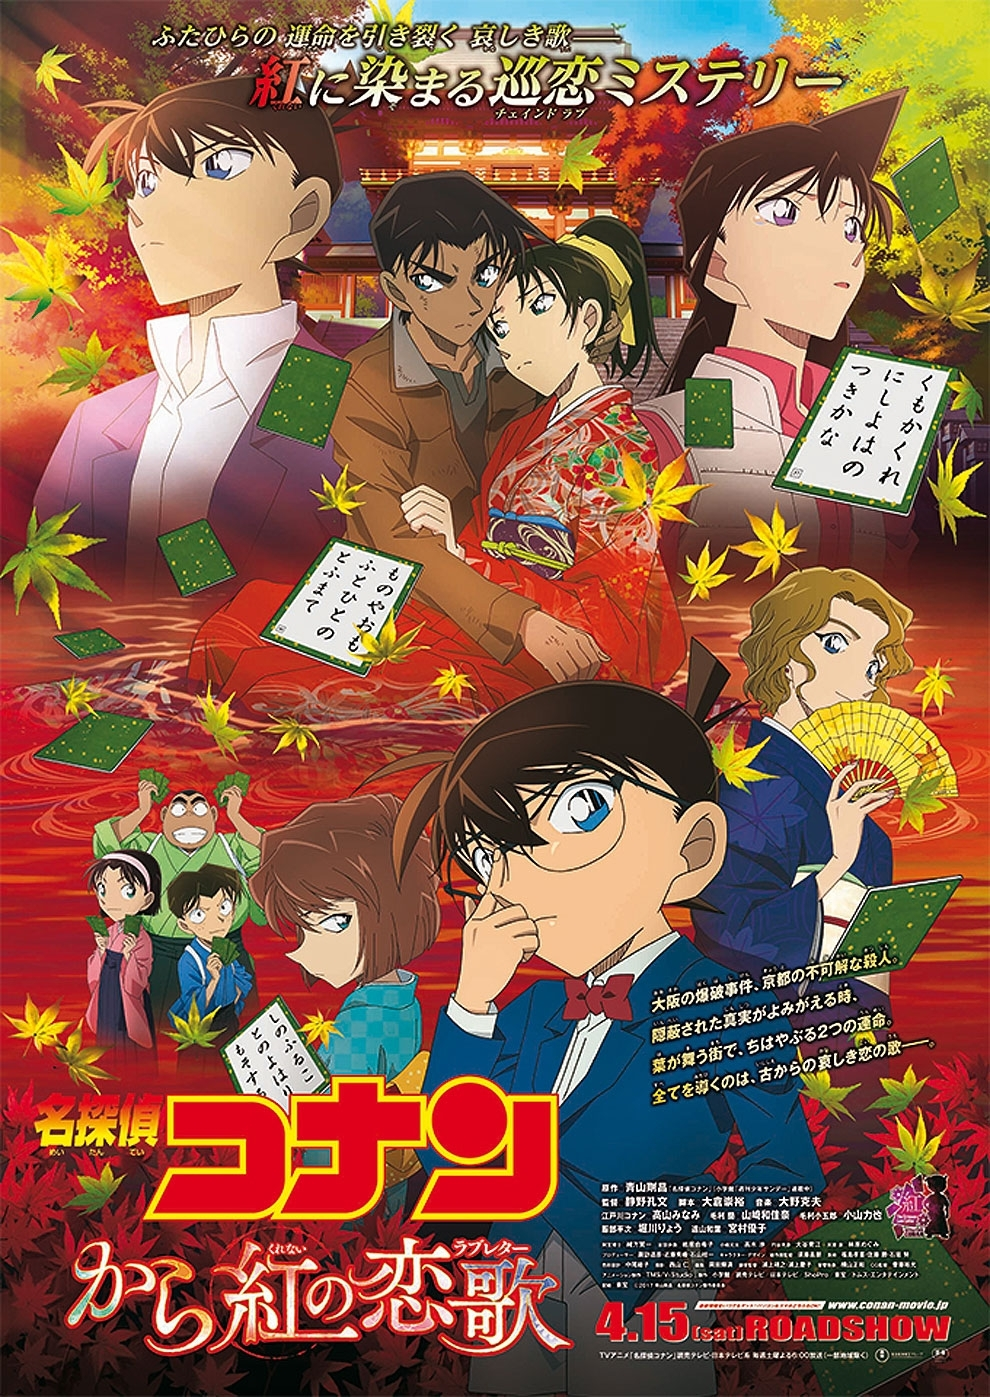 Anime Night 2018 Detektiv Conan Film 21 Der Purpurrote Liebesbrief Poster